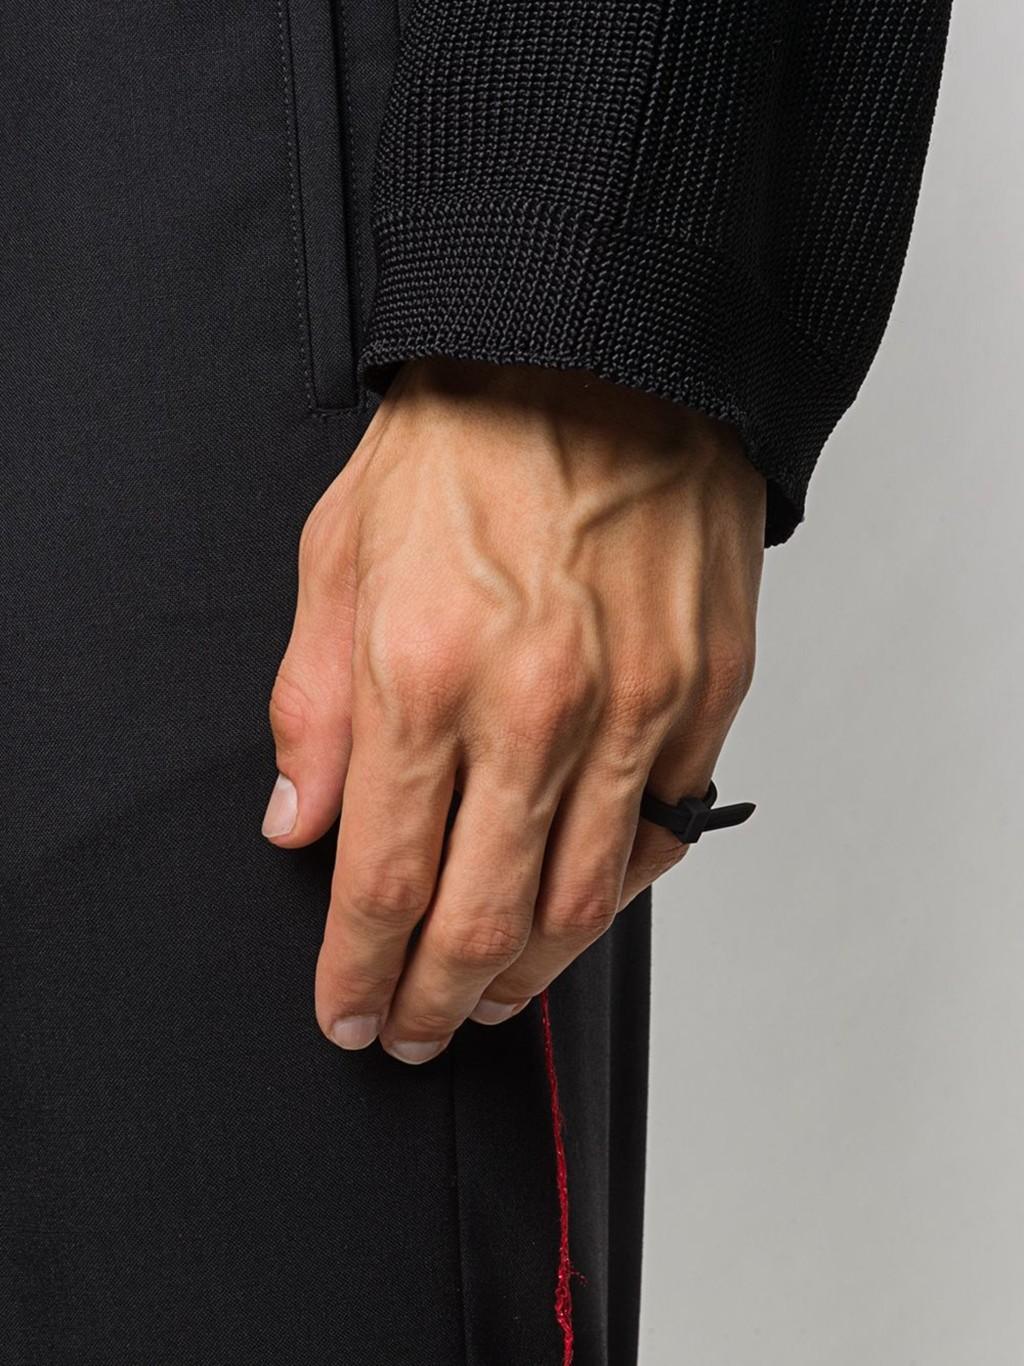 垃圾變潮物?名牌推出「超天價手環」 網看傻眼:五金行就有賣